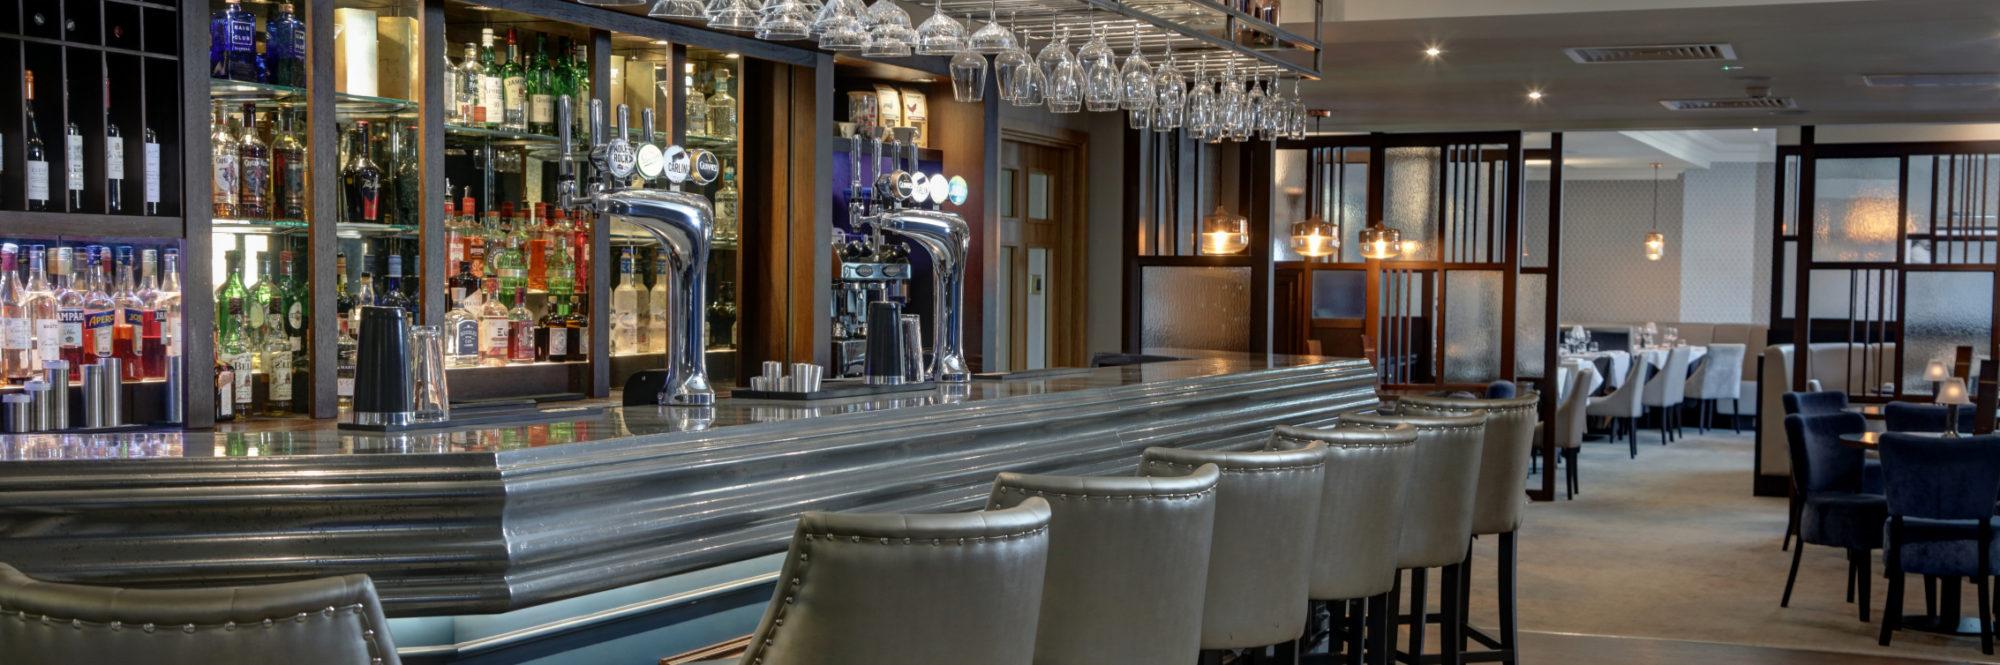 Triumph Bar